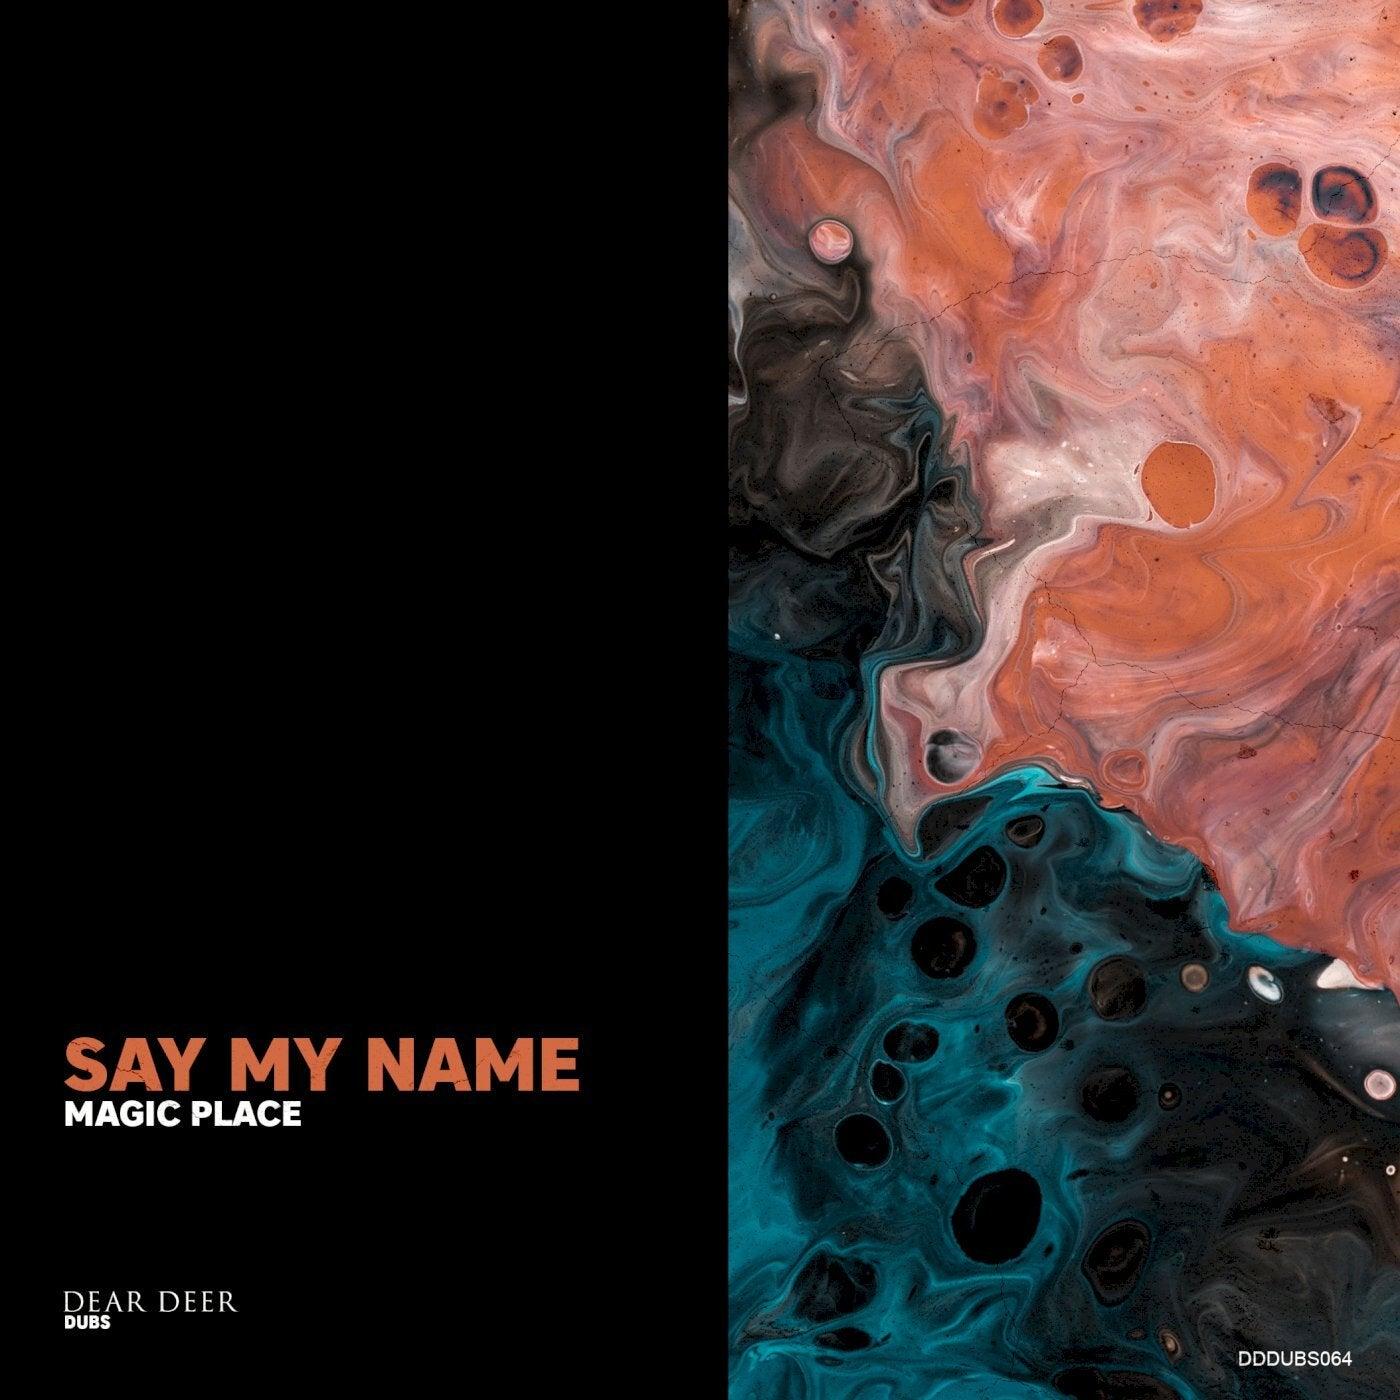 Say My Name (Original Mix)